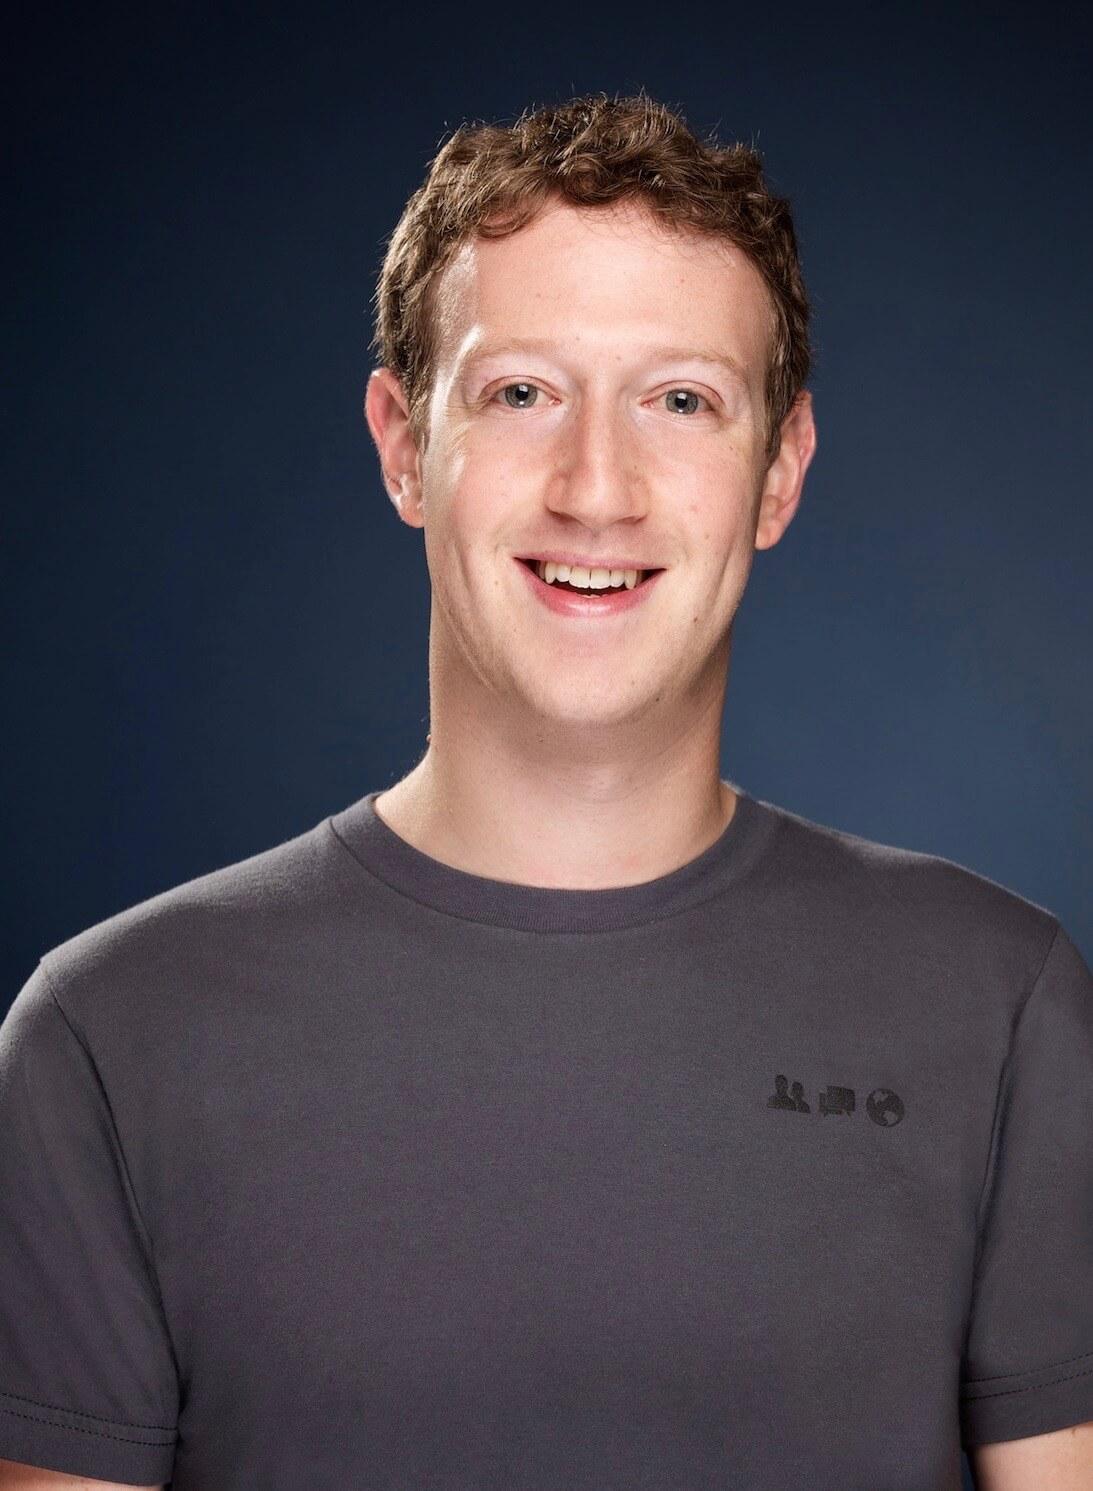 Facebook Gründer im grauen T-Shirt